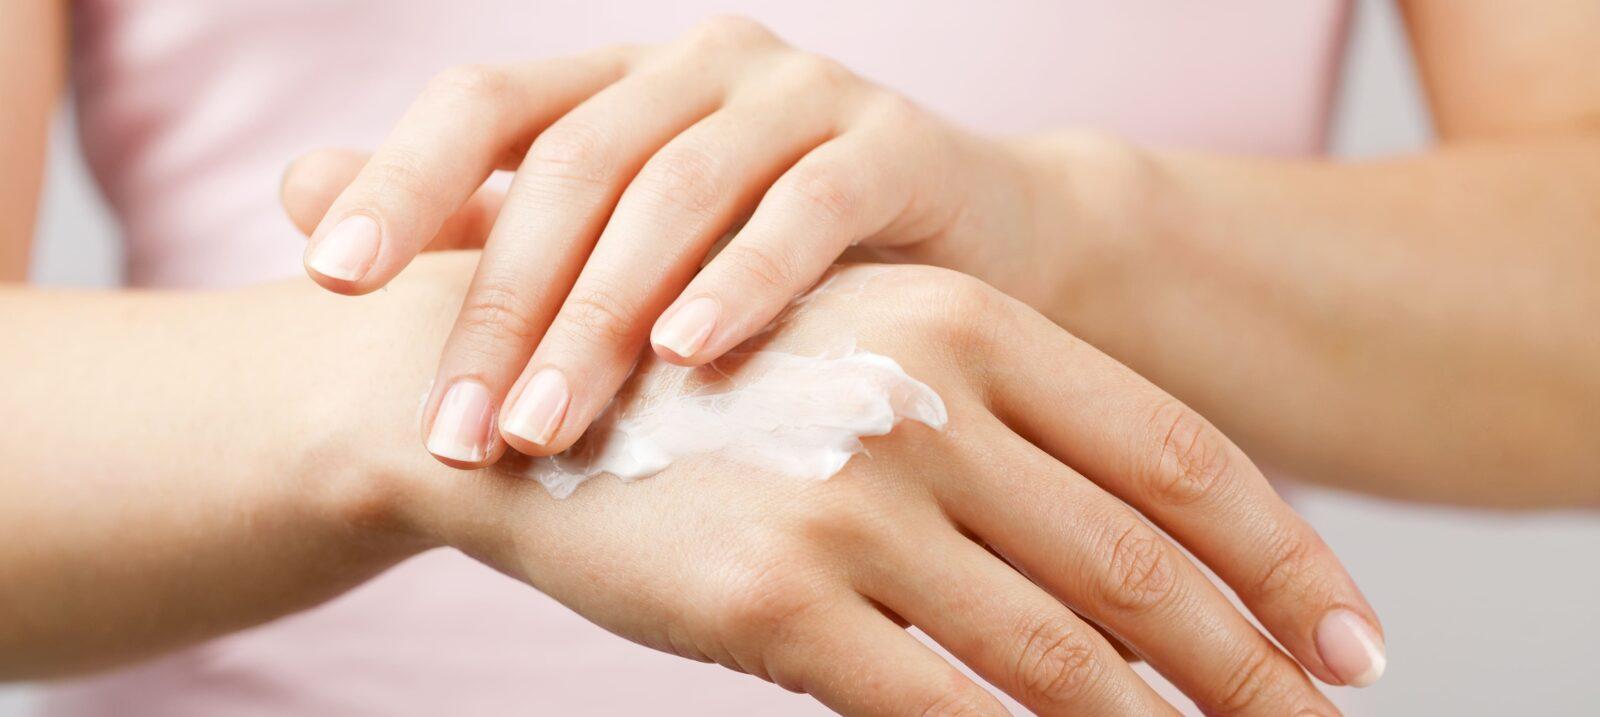 Łojotokowe zapalenie skóry - kosmetyki mogą pomóc